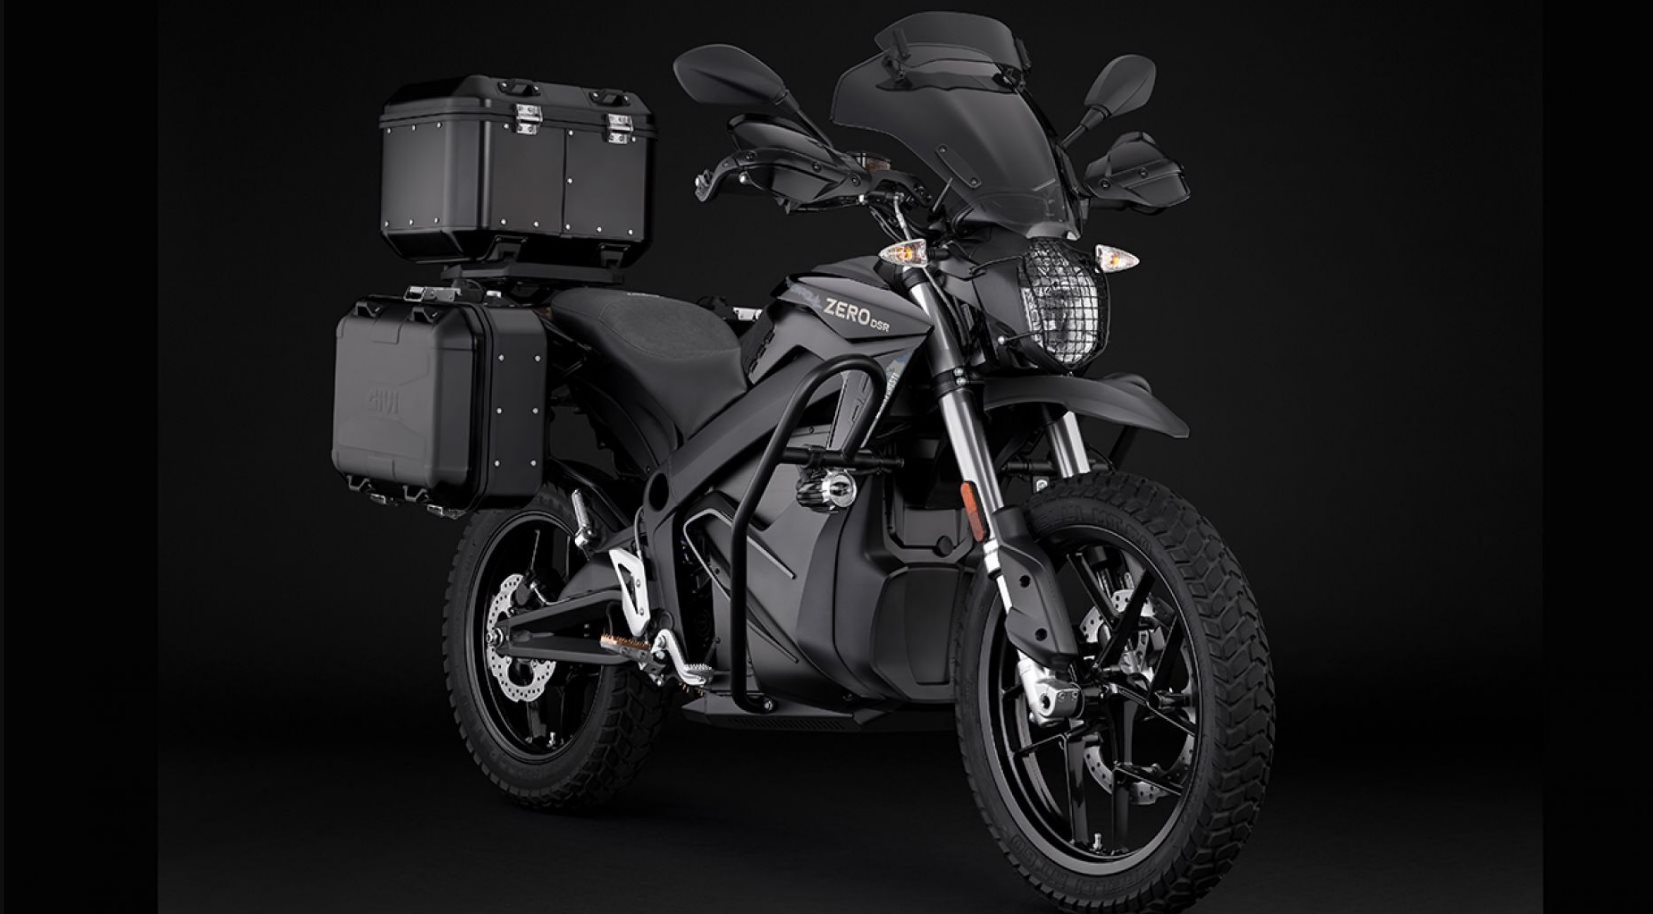 Zero y su moto eléctrica que competirá con la Harley Davidson